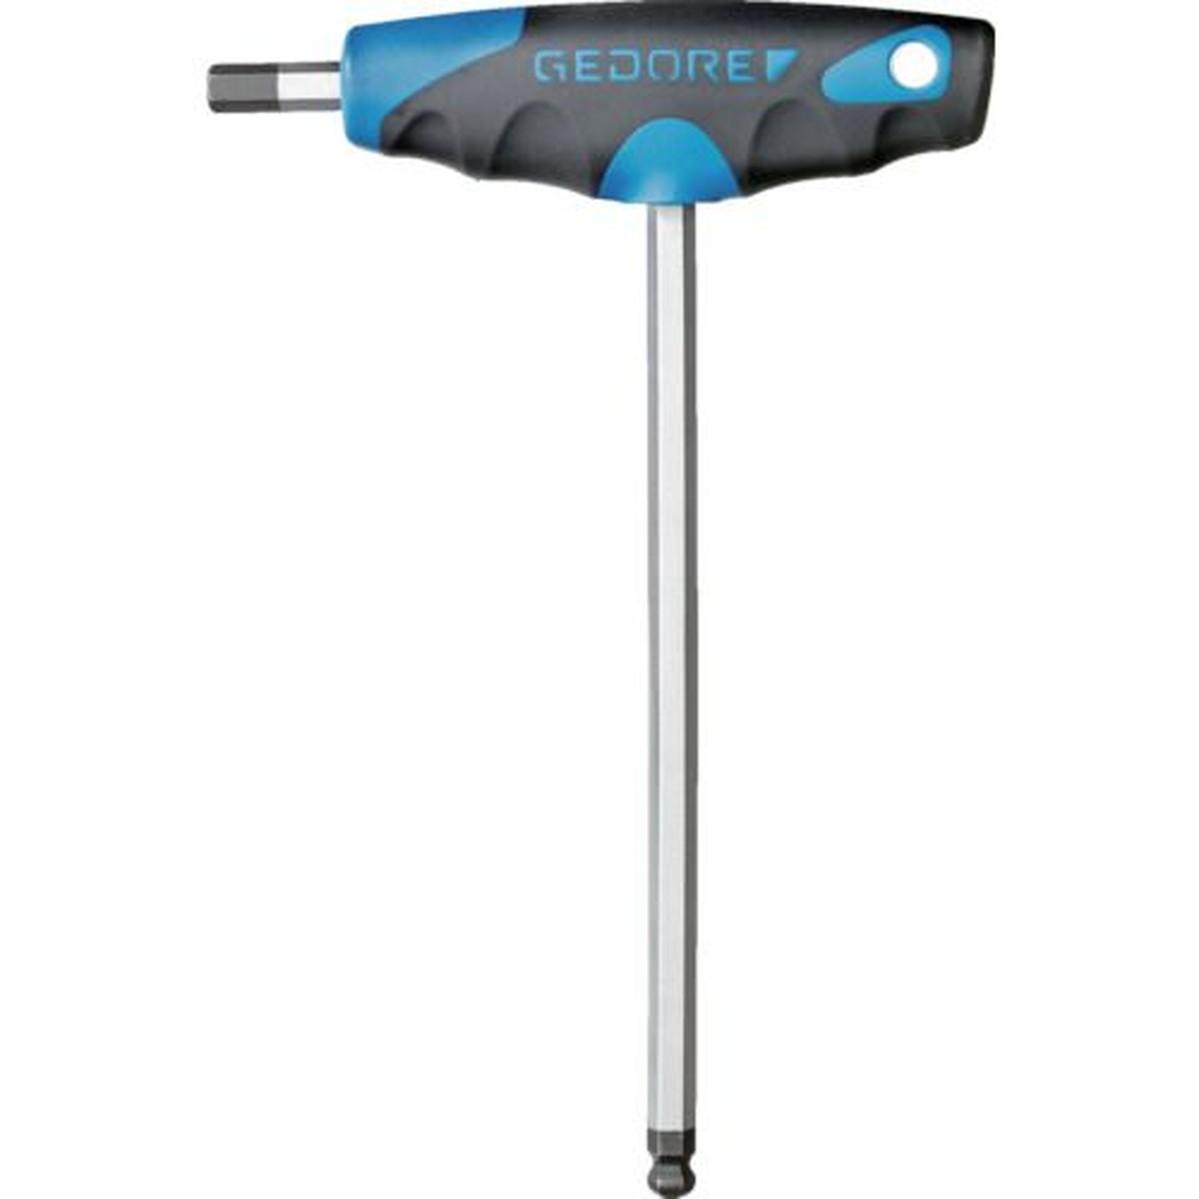 限定価格セール あす楽対応 DIY用品 GEDORE T型ボールポイント六角棒レンチ DT2142 人気ショップが最安値挑戦 6mm 1本